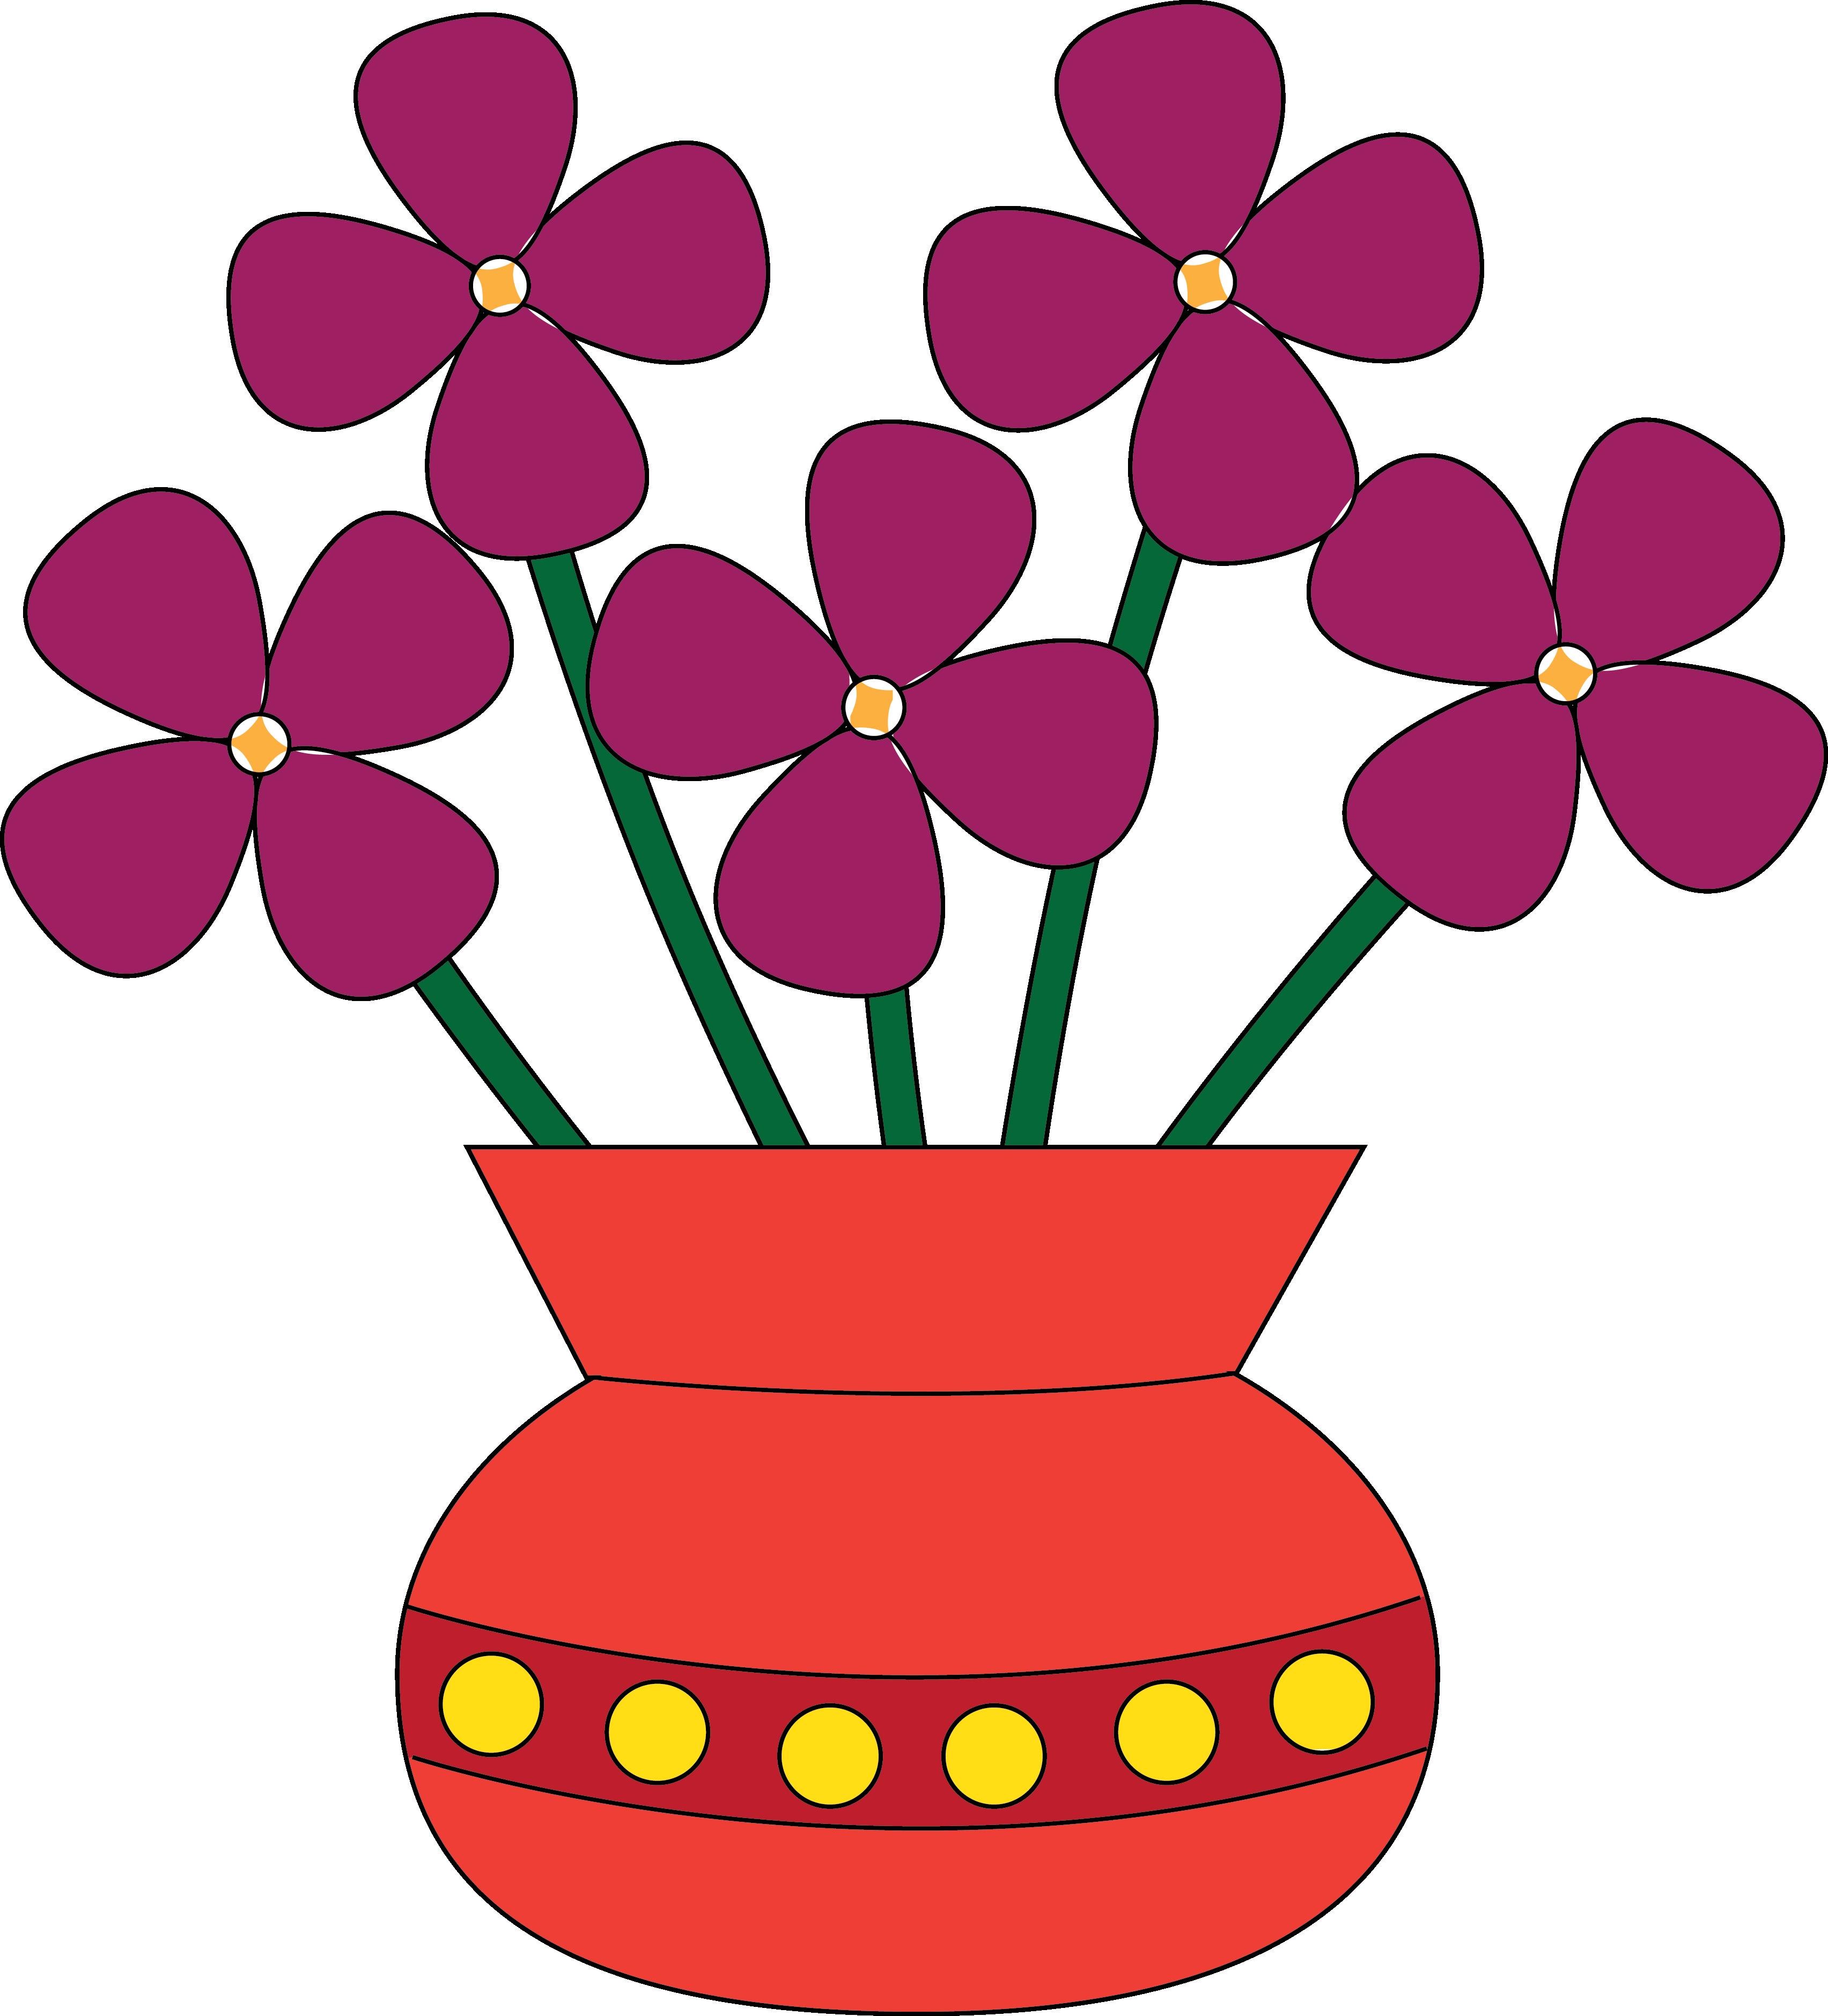 Rabbi clipart animated. Vase panda free images